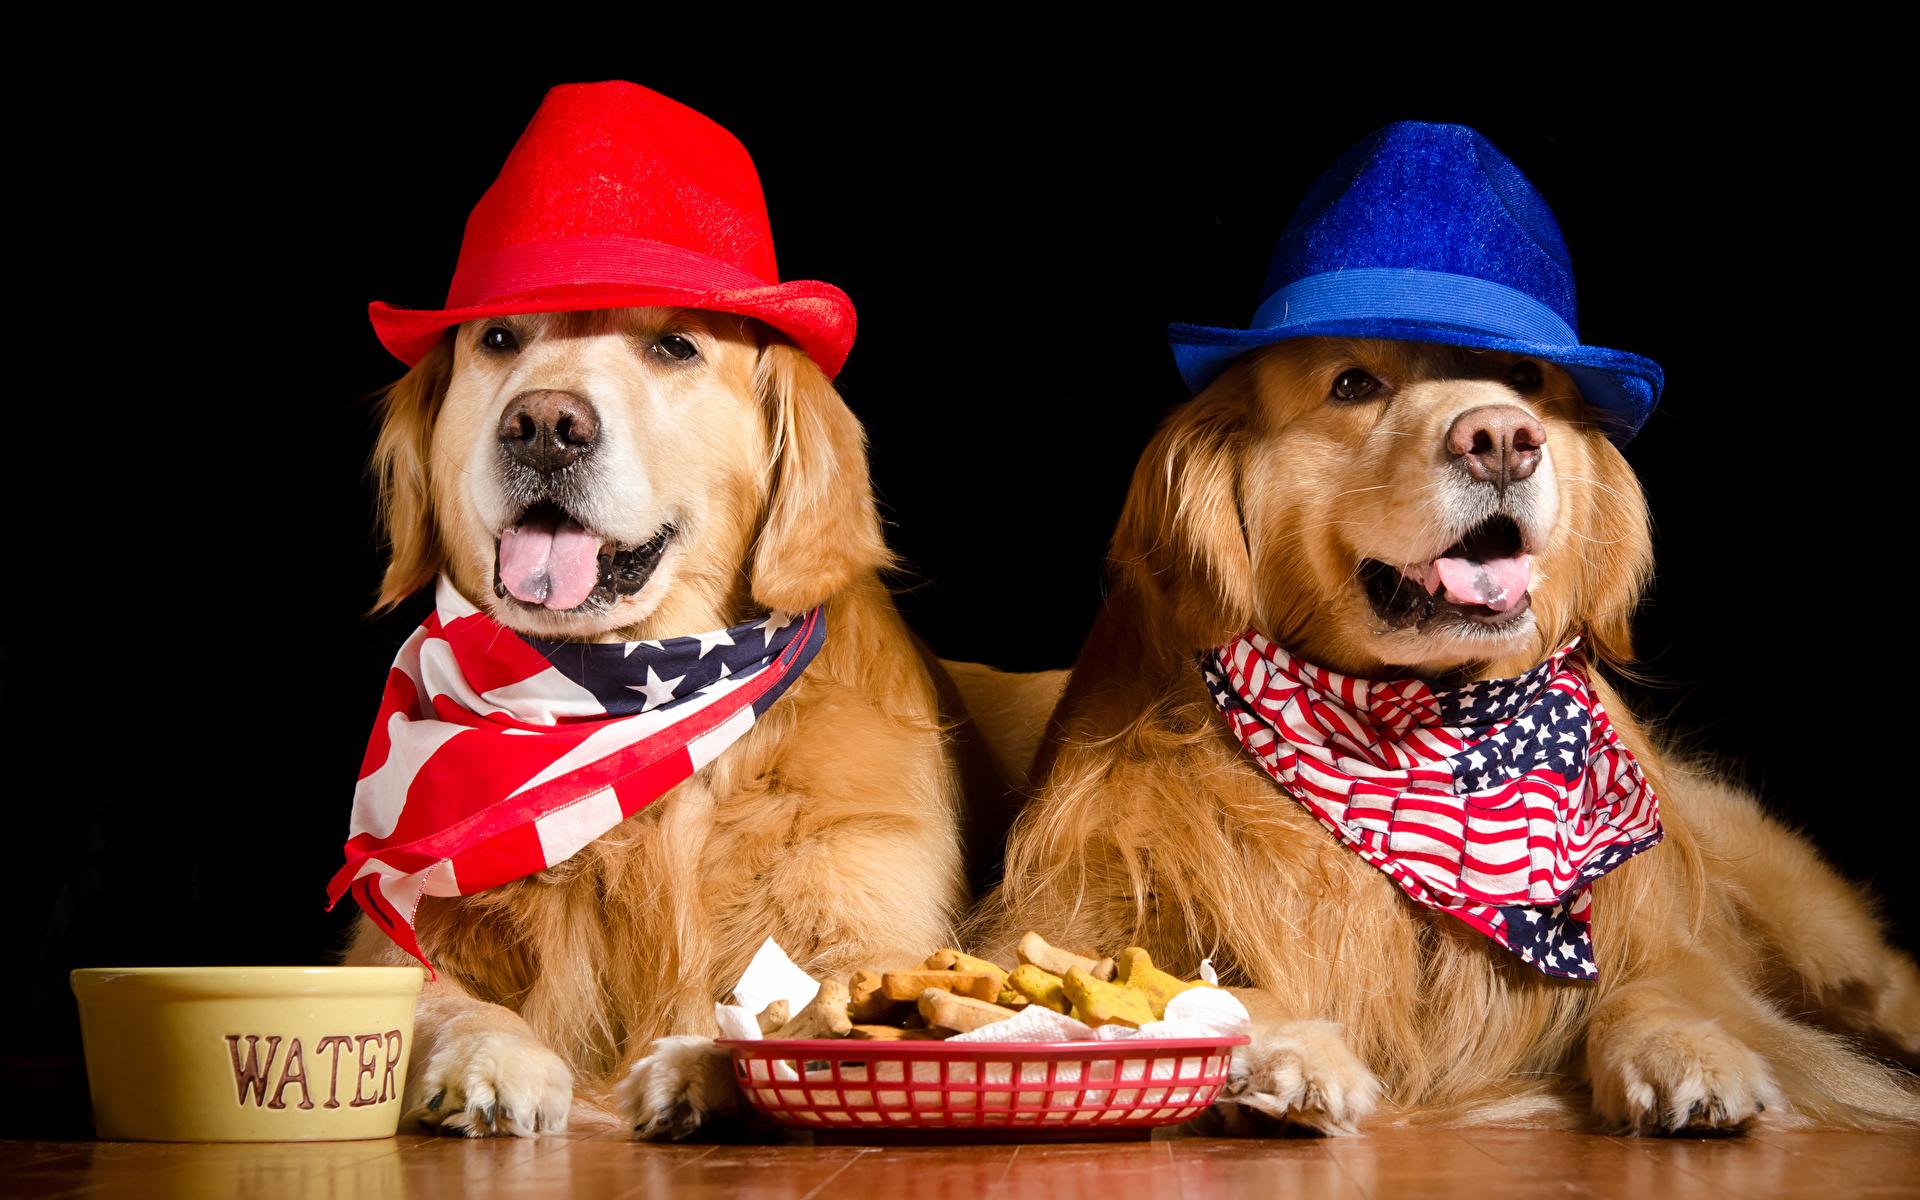 Картинка Голден Собаки Двое Шляпа Животные Черный фон 1920x1200 Золотистый ретривер 2 вдвоем